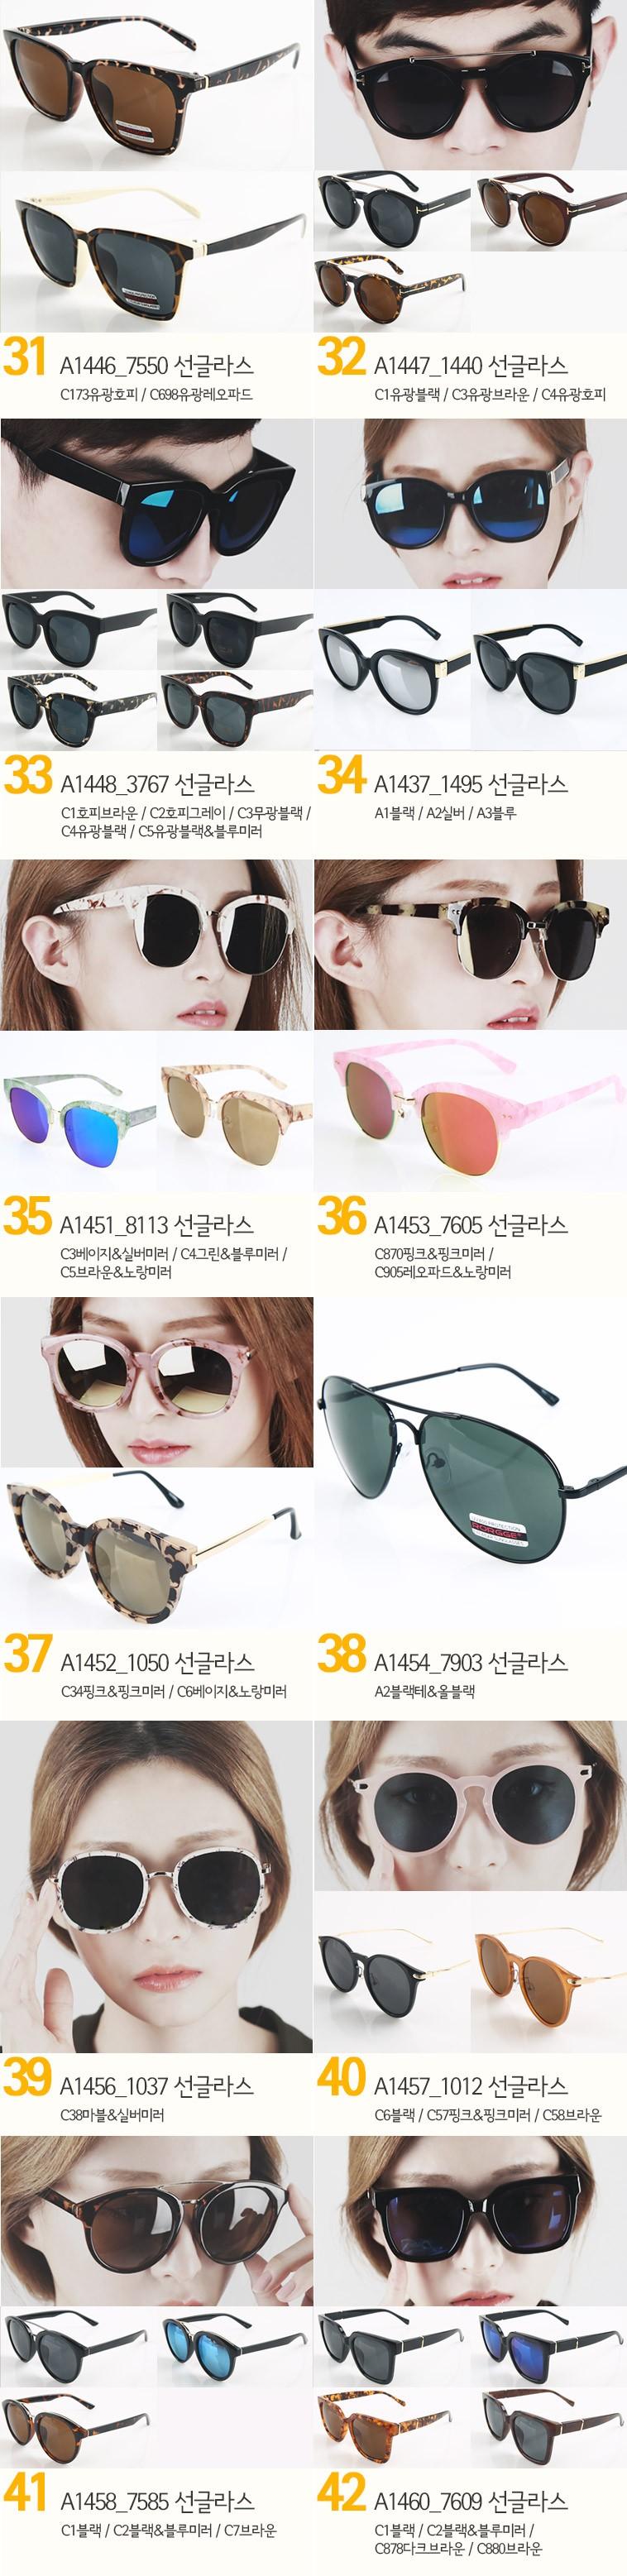 자외선이 강한 가을에 필수품~ 선글라스 떙처리!!